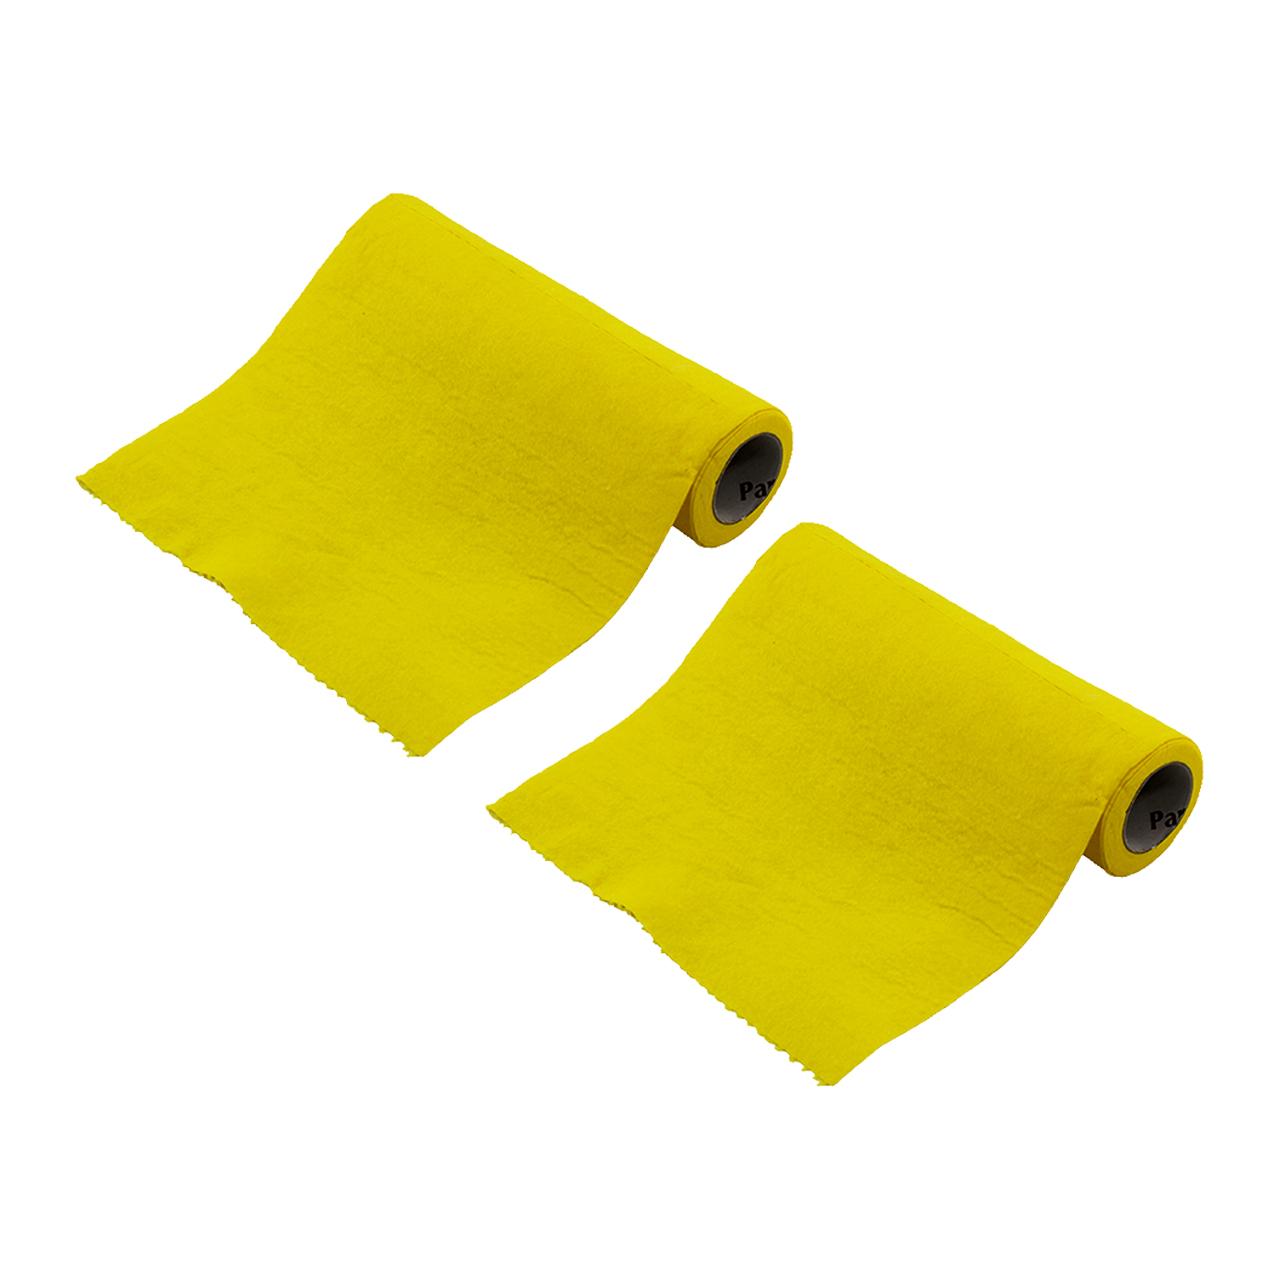 دستمال نظافت پرکس مدل perforated بسته 2 عددی